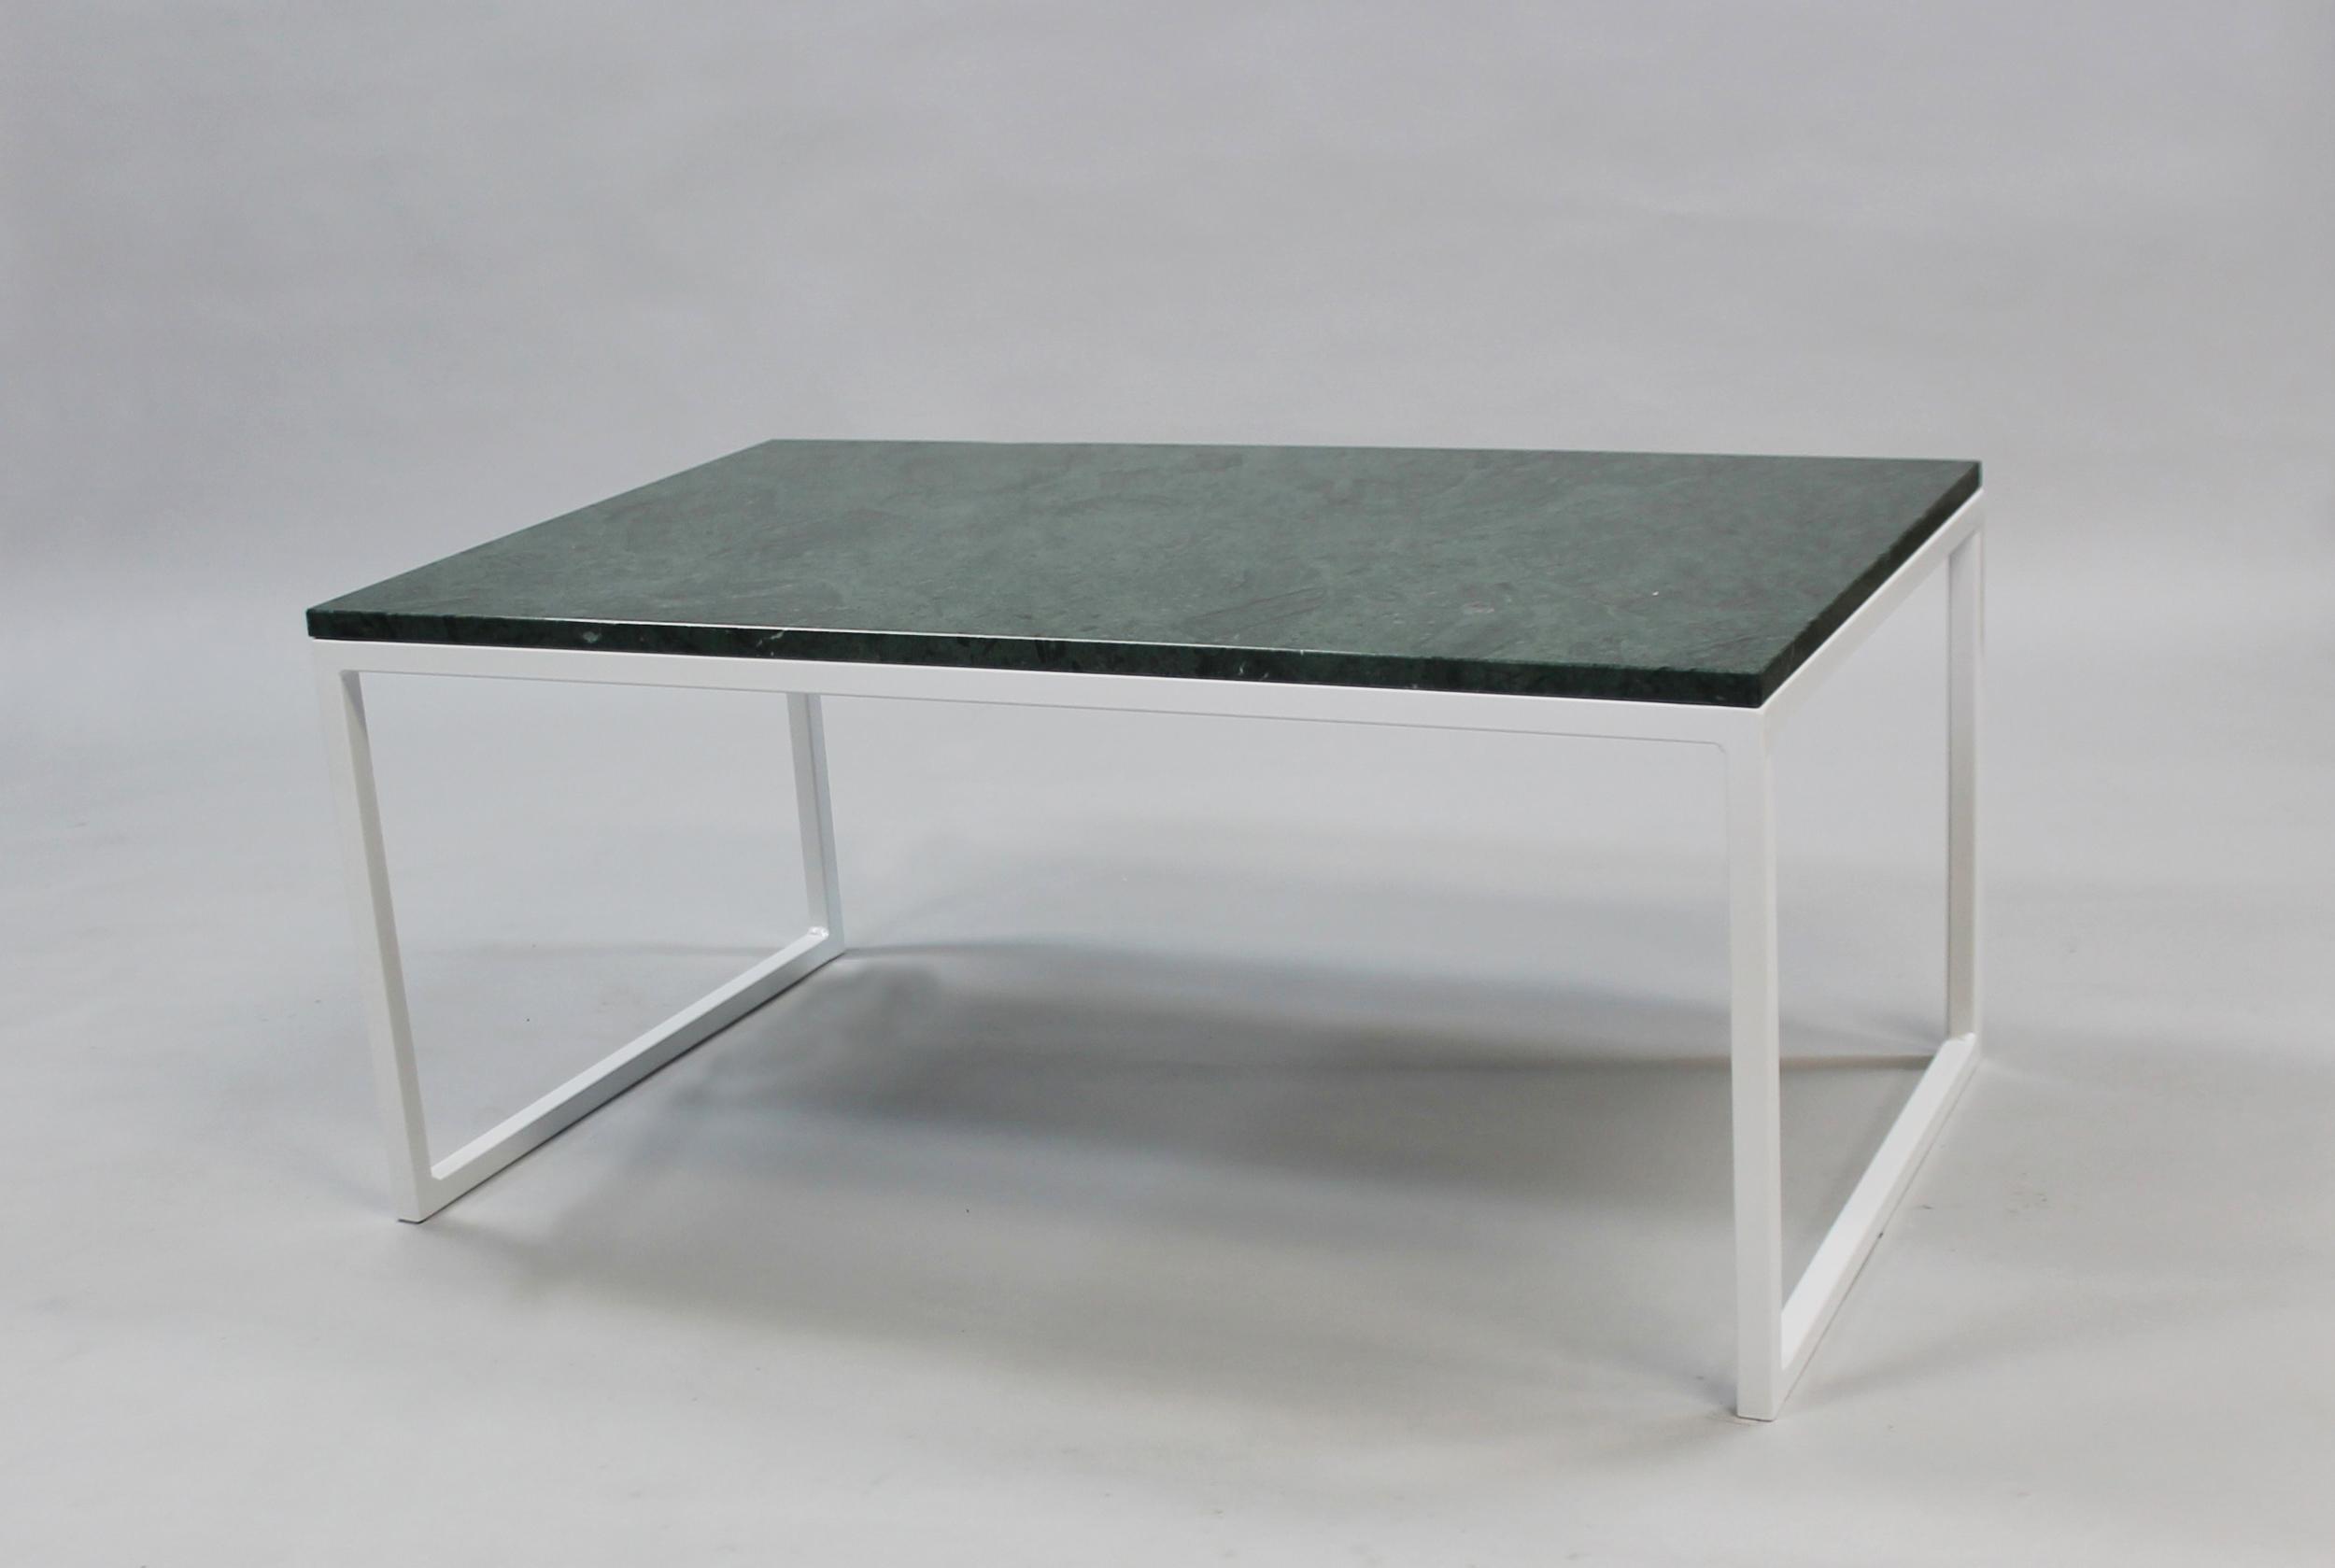 Marmorbord, grön  - 100x60 x  45  cm, vitt underrede halvkub  Pris 6 000 :-  inkl frakt  Pris nu 4000:- inkl frakt    Finns även i 120x60 cm -   pris 7 000:- inkl frakt   Pris nu 4500:- inkl frakt